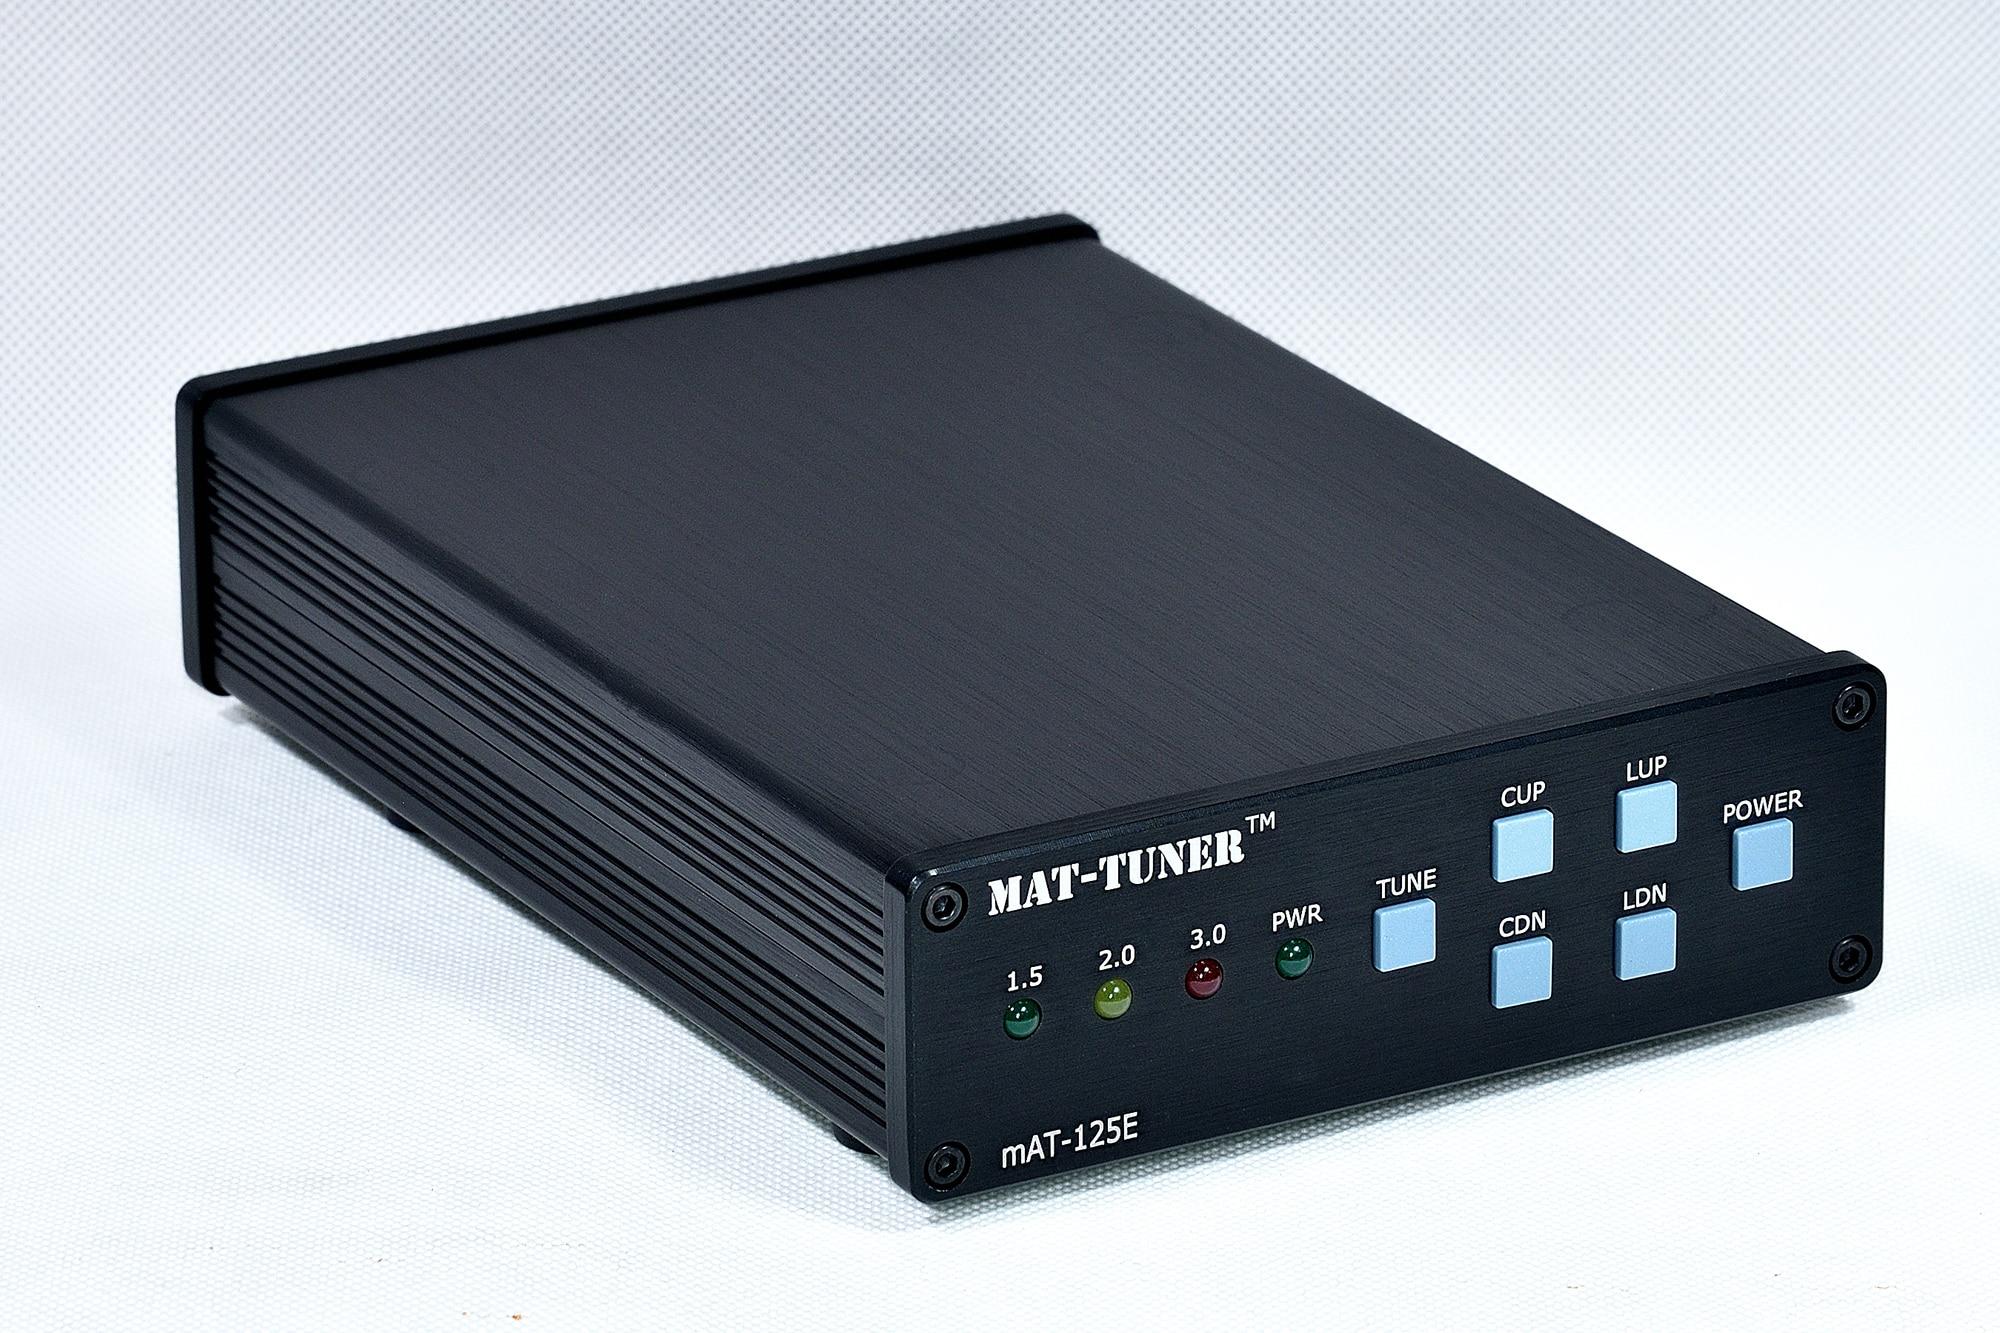 المغناطيسي عقد النسخة Mat-125E العام التلقائي هوائي موالف 120W 1.8-54MHz HF الموجات القصيرة المدمج في 18650 بطارية